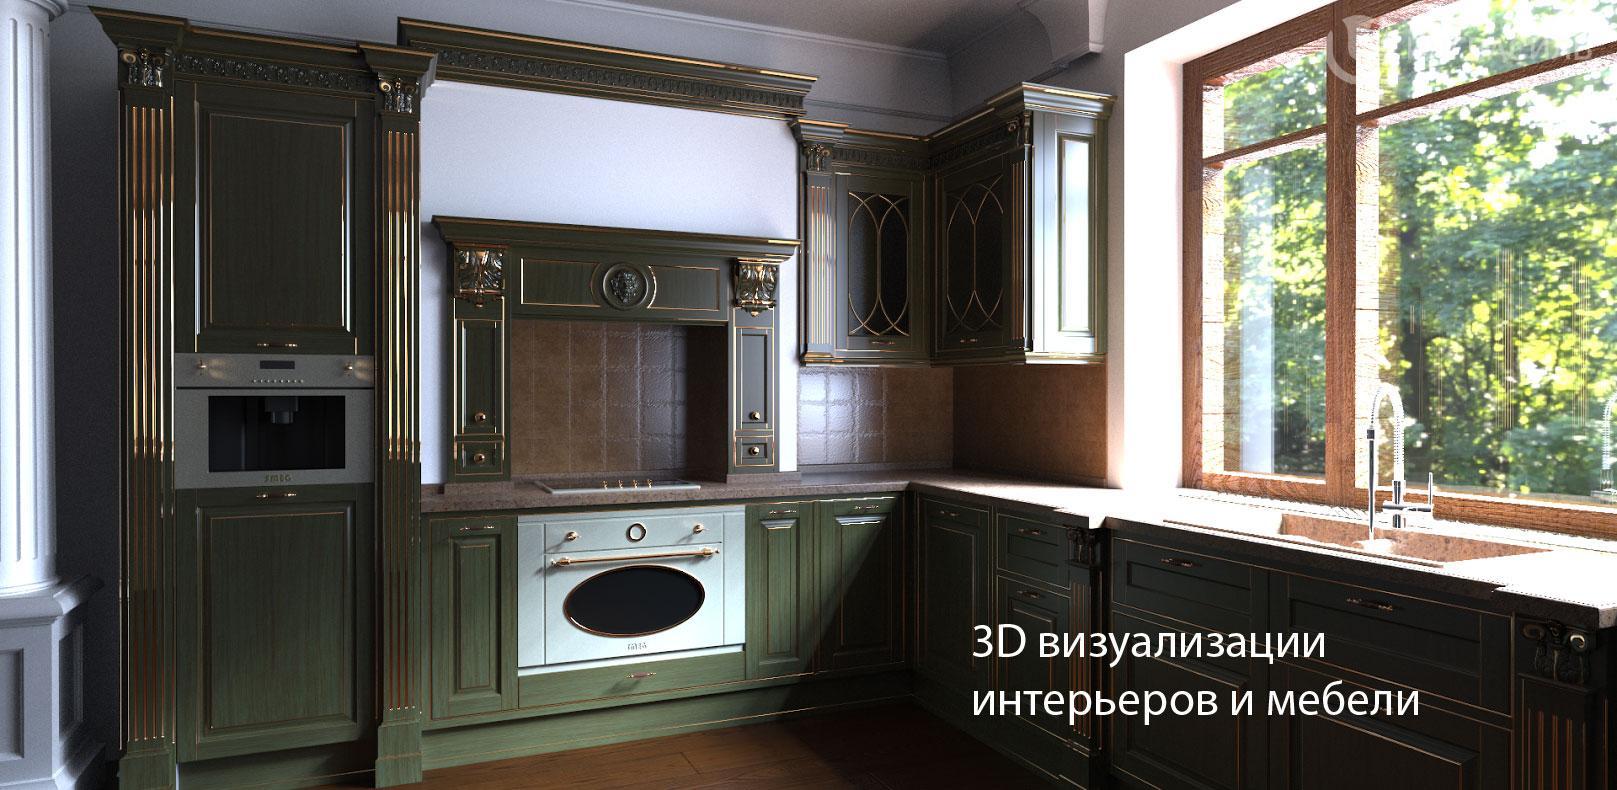 Дизайн кухонь и кухонной мебели. В том числе и для втроенной техники